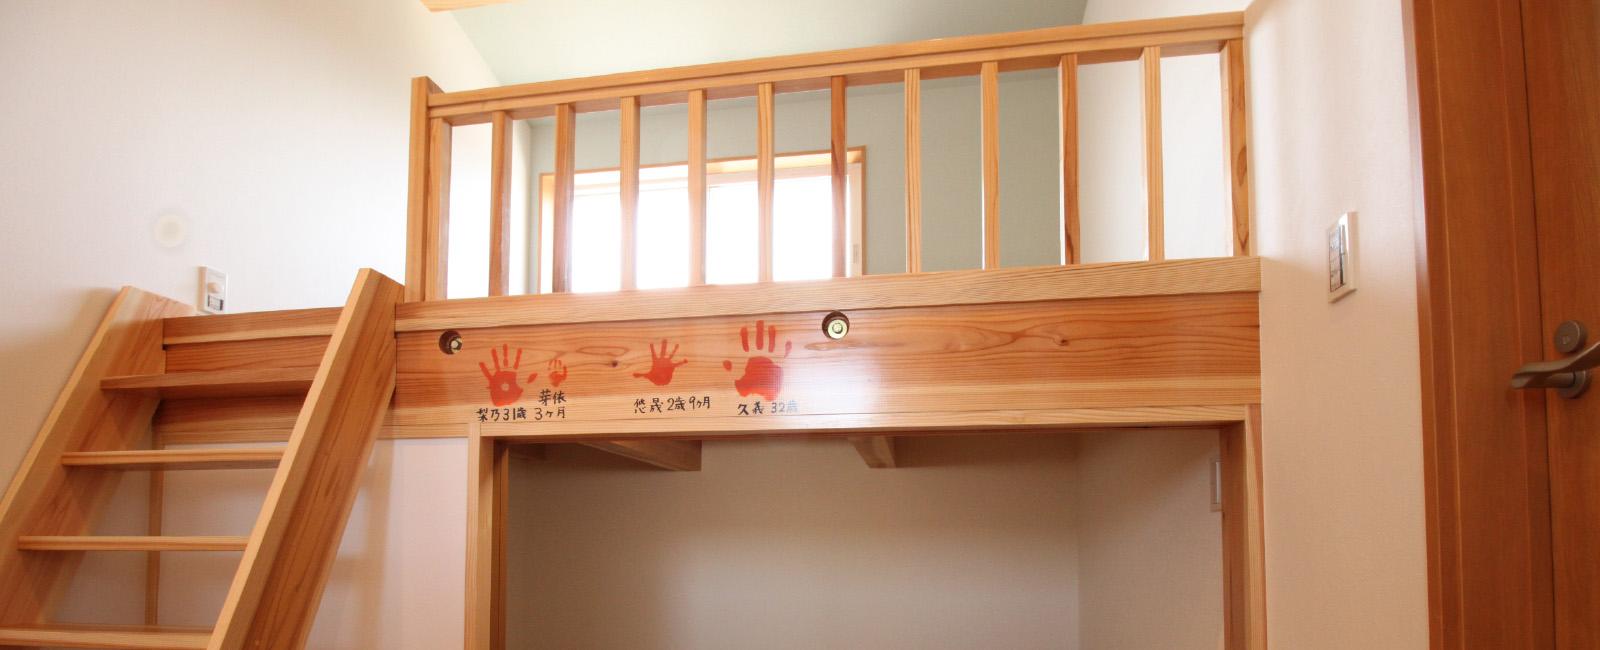 島田市の新築一戸建ての室内